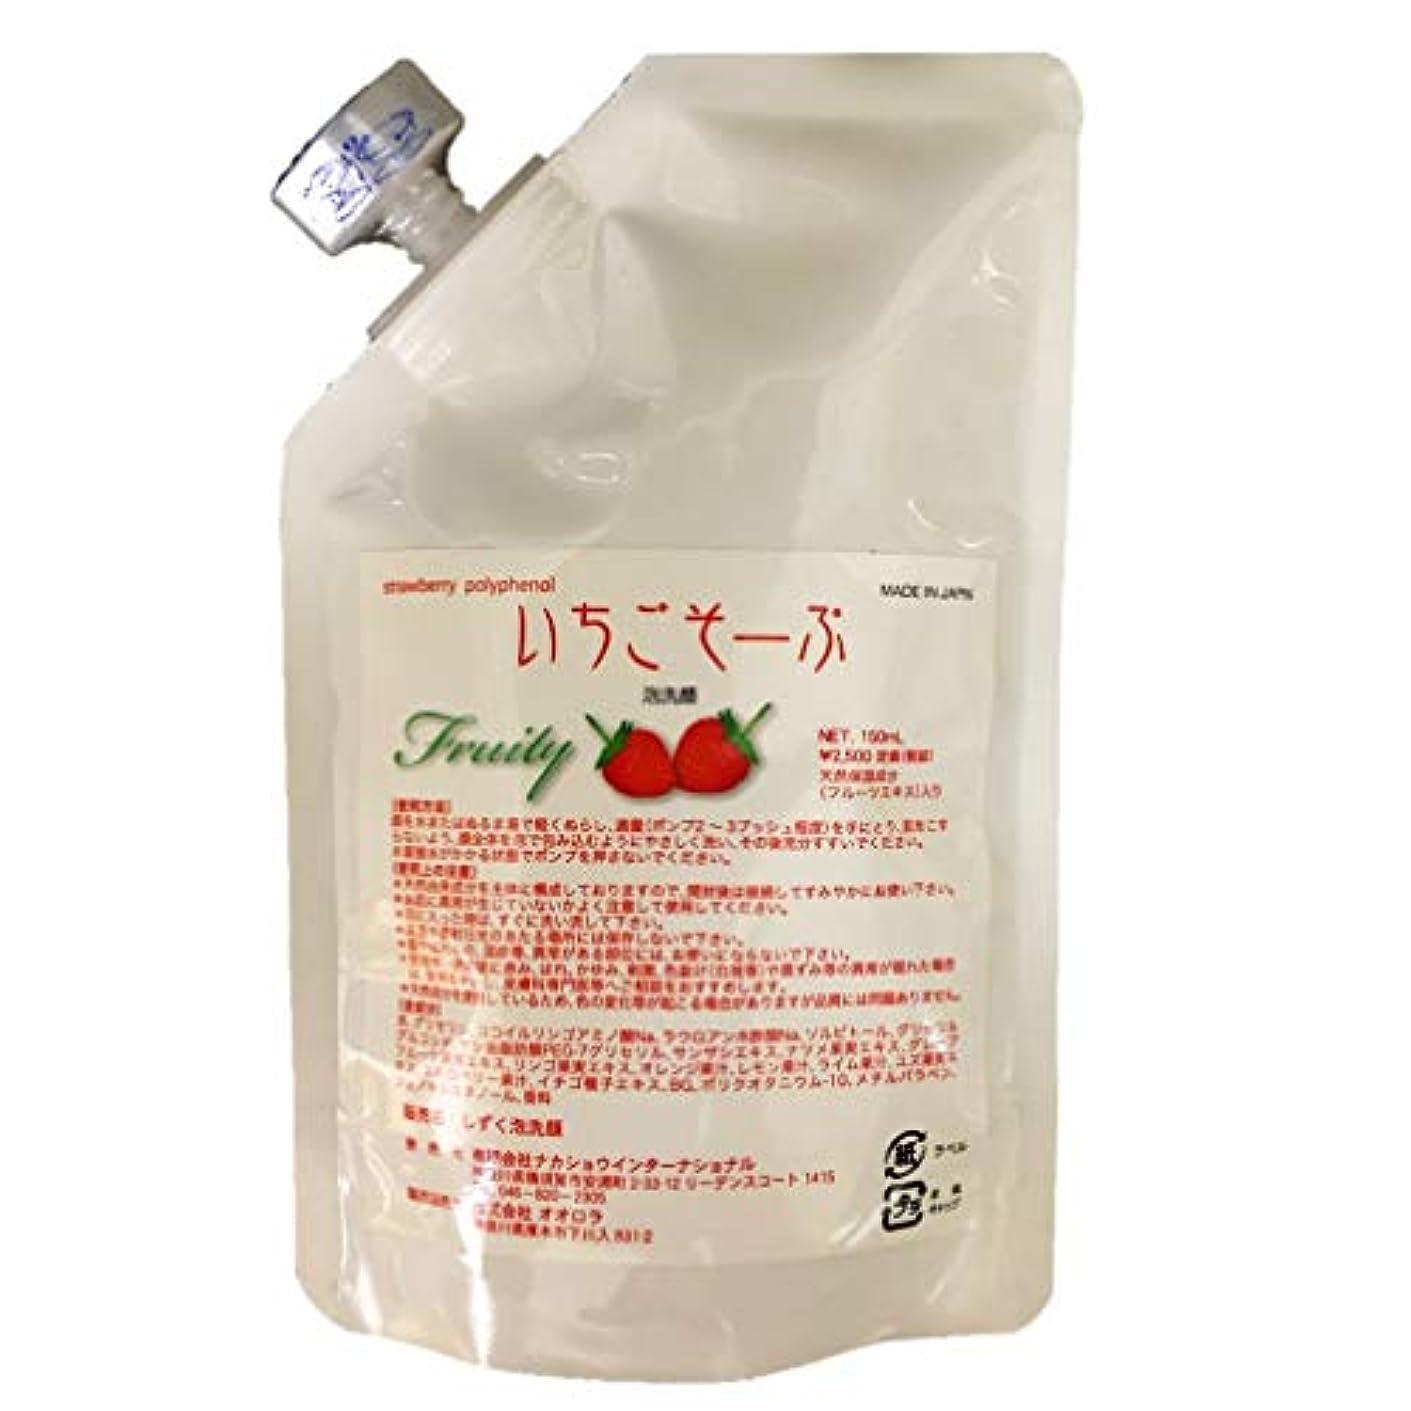 ストリップ獣中断いちごそーぷ 泡洗顔料 150mL詰替えパウチ 超保湿を優しいフルーツで